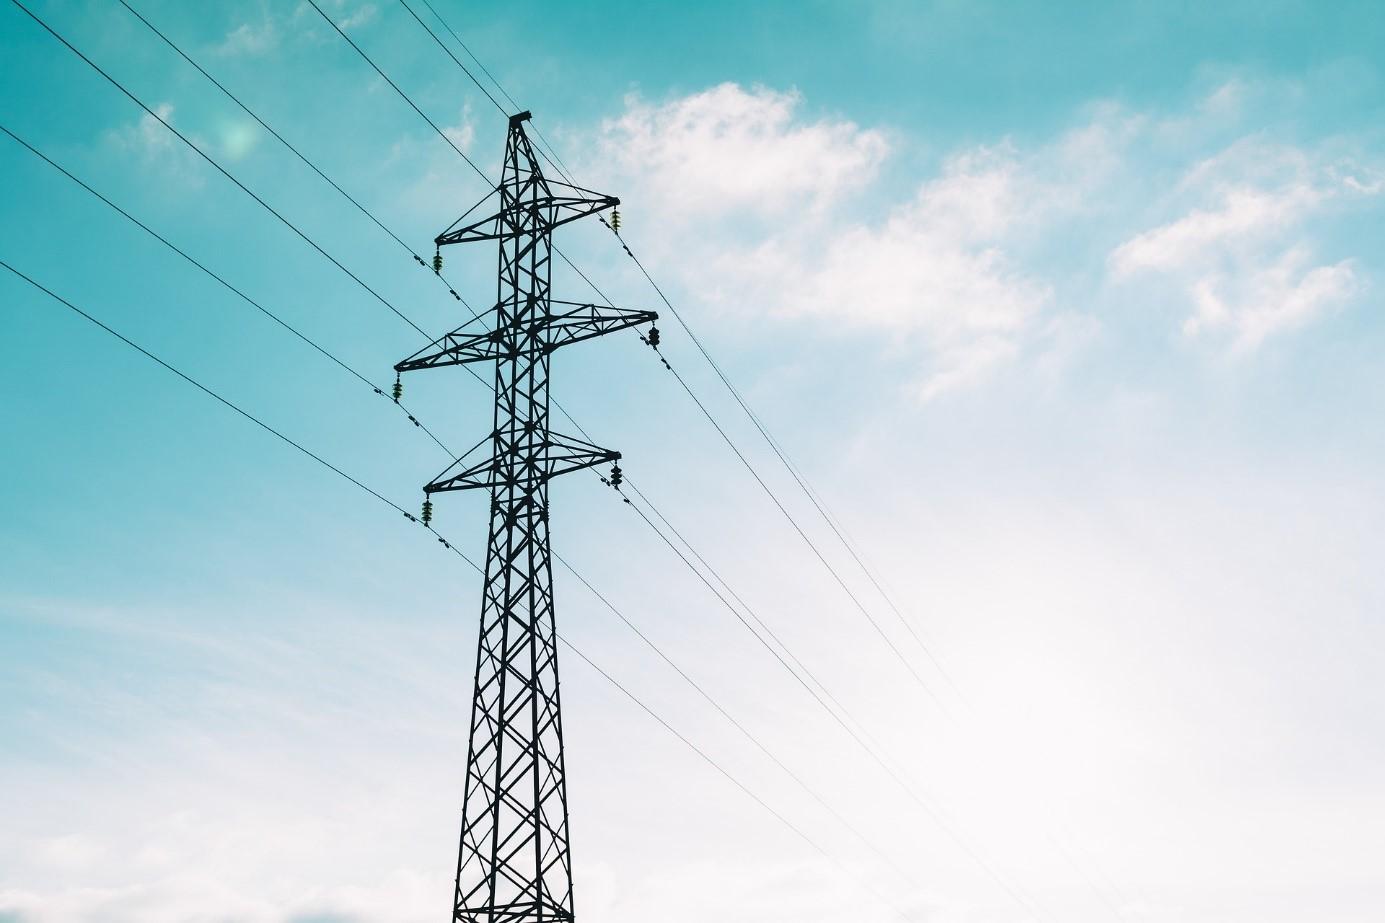 iShares Global Energy ETF (IXC ETF) spårar ett marknadsvärdevägt index för globala energibolag. iShares Global Energy ETF (IXC ETF) som handlas på NYSEArca, är en utdelande ETF. Denna börshandlad fond kommer med en årlig förvaltningskostnad på 0,43 procent.